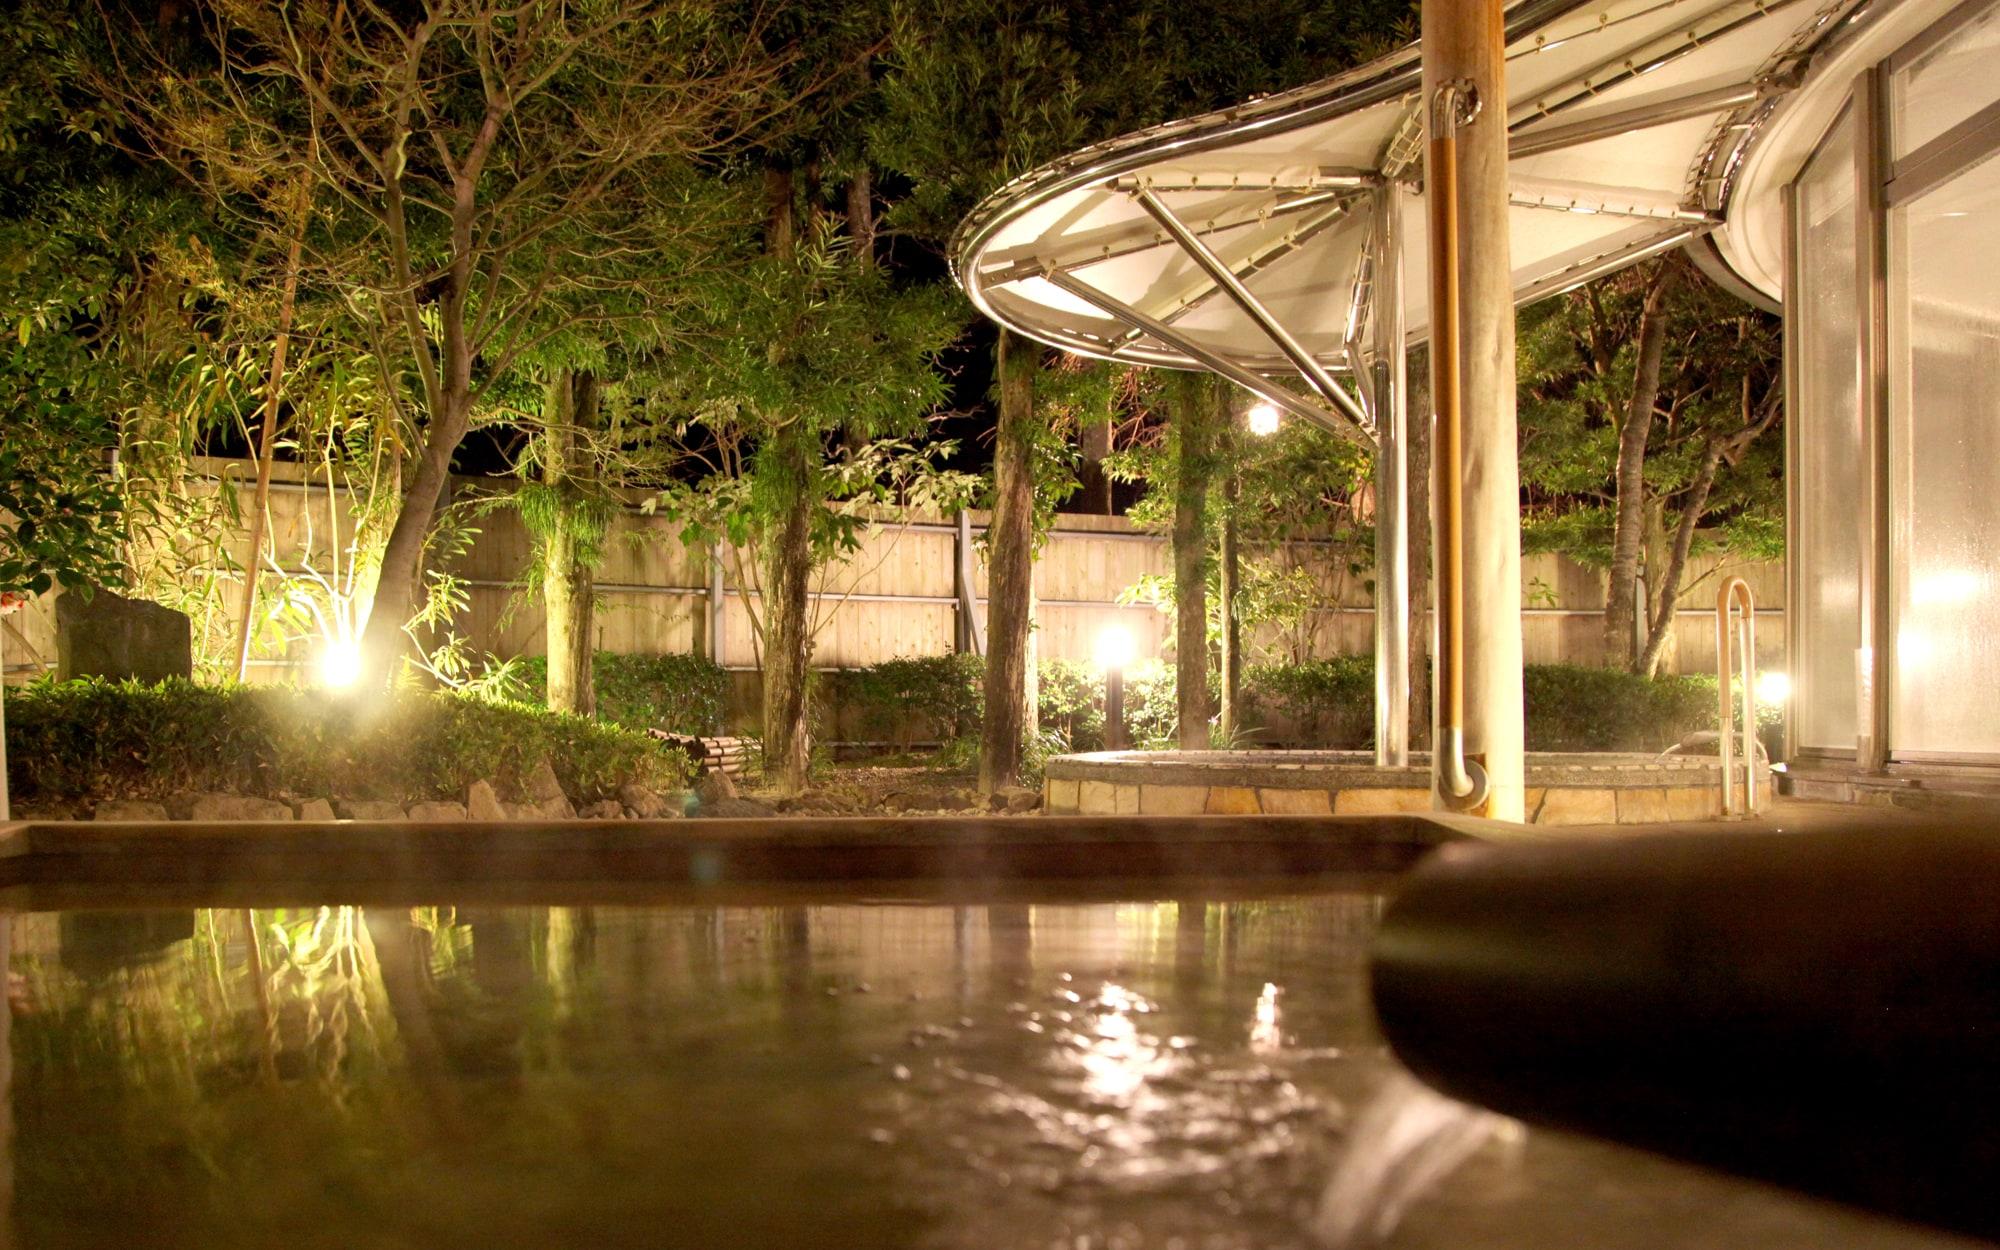 露天風呂 - 山口県 萩市|世界遺産[萩城下町]唯一の旅館 萩城三の丸 北門屋敷